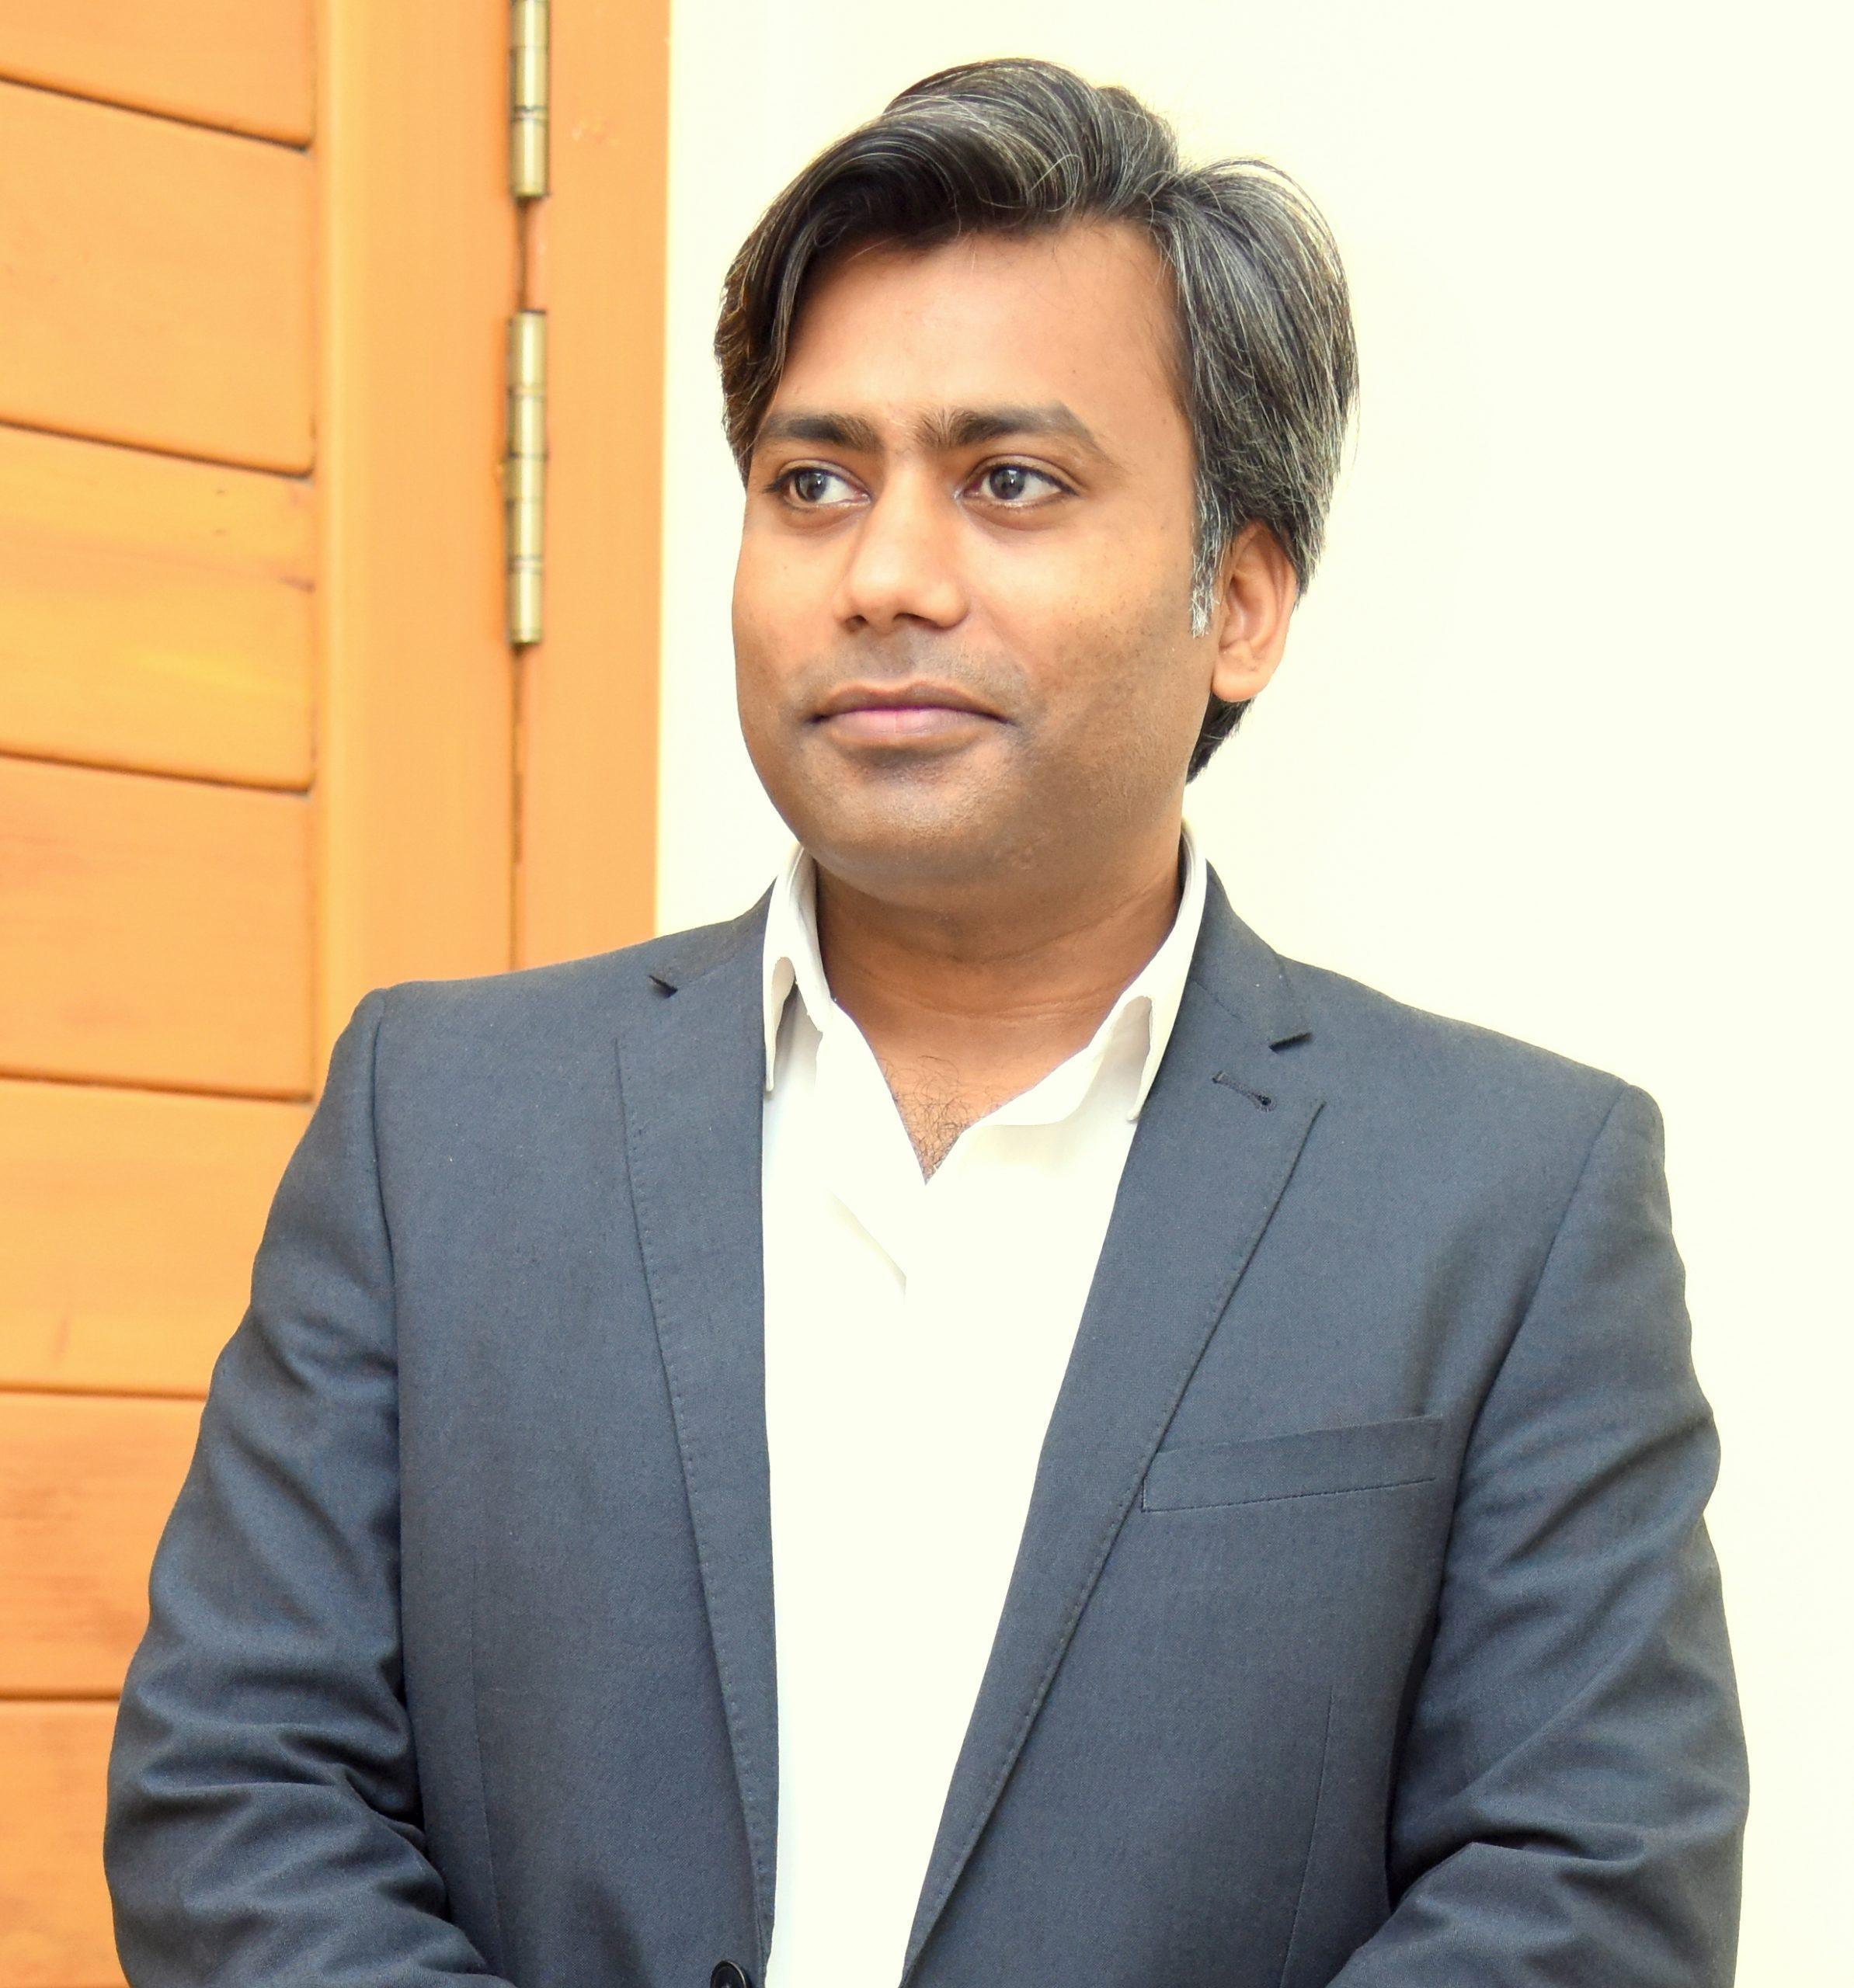 Fraaz Mahmud Kasuri